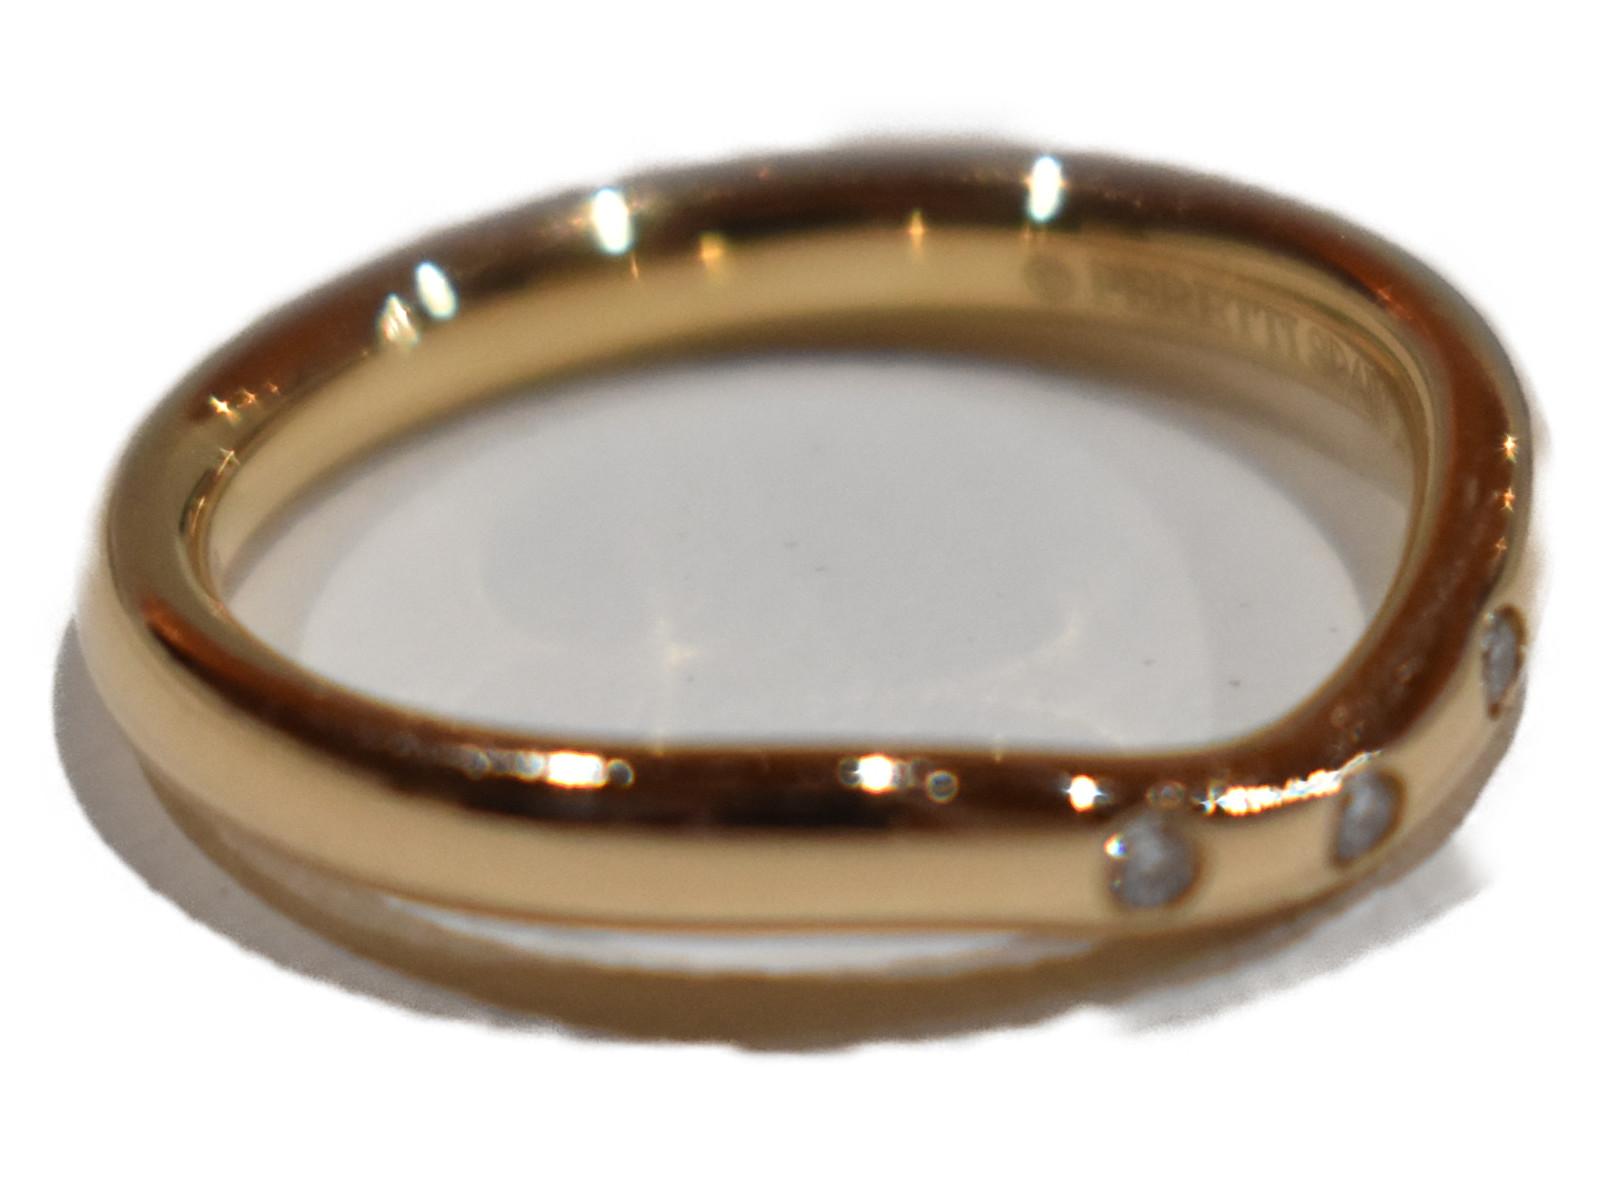 カーブドバンドリングK18 ダイヤモンド 2.3g 4号小さめ シンプル 人気ギフト包装可 【中古】